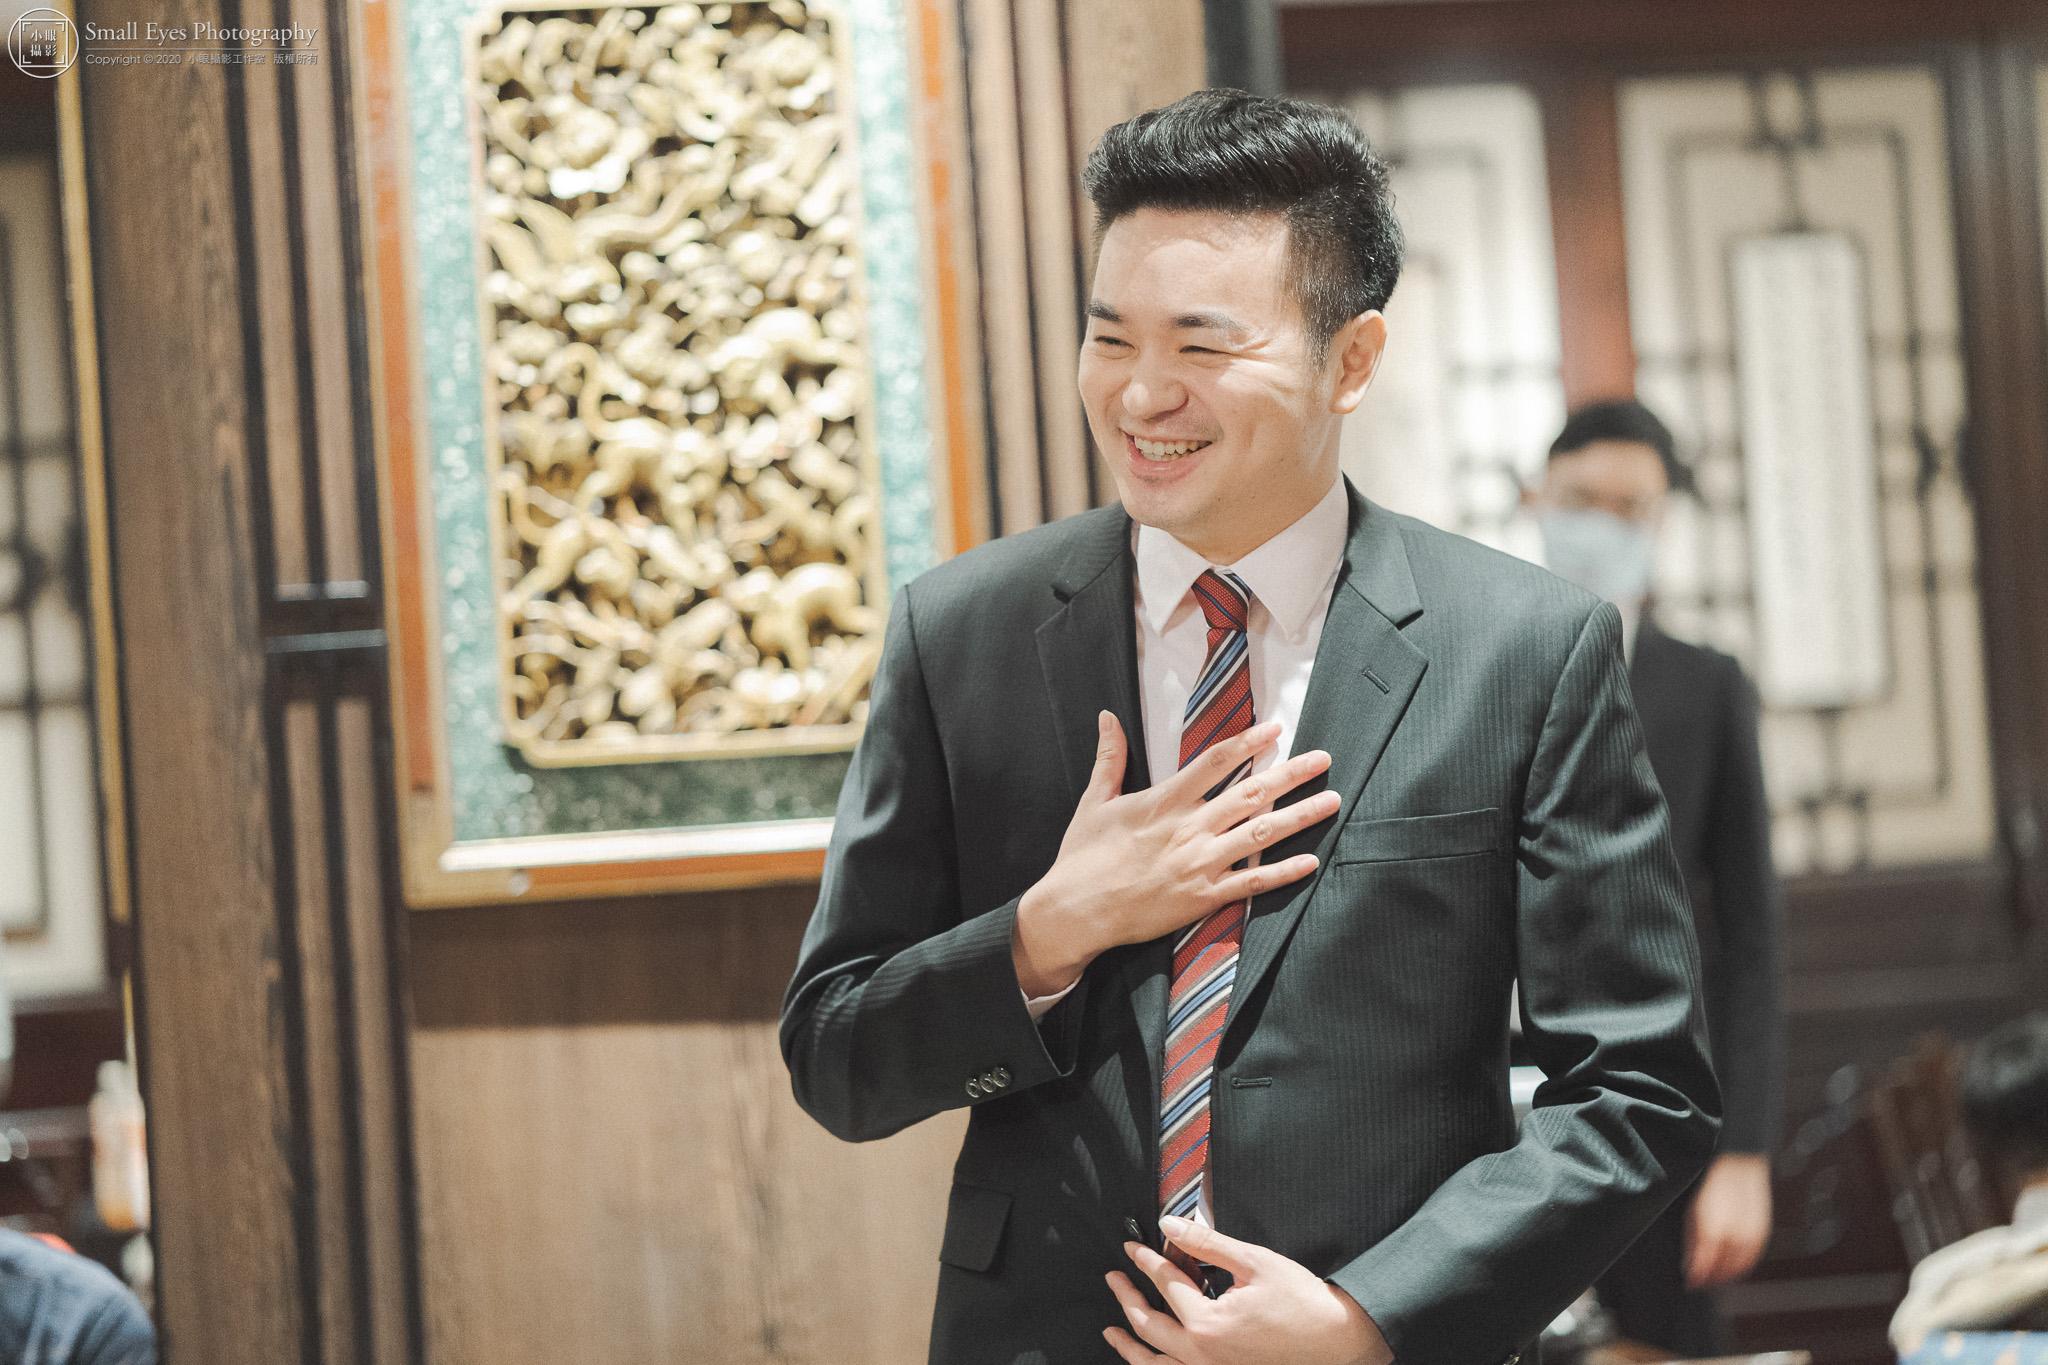 小眼攝影,婚攝,傅祐承,婚禮攝影,婚禮紀實,婚禮紀錄,台北,國賓,大飯店,巴洛克zoe,新娘秘書,新郎